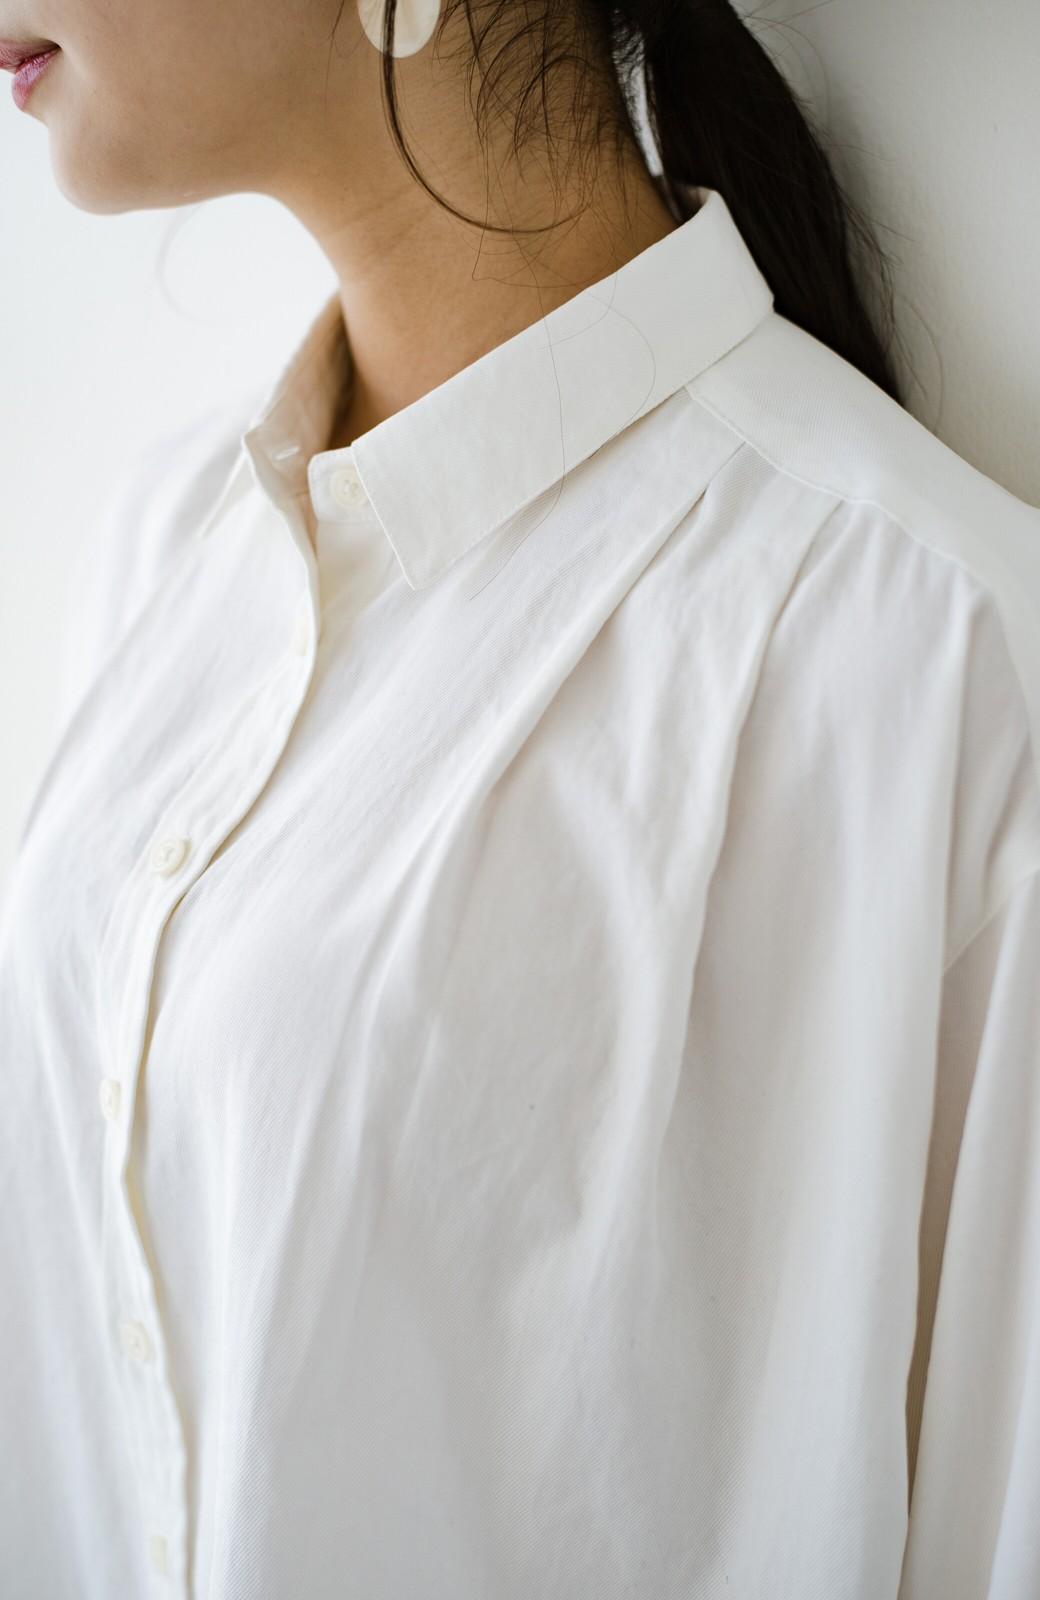 haco! ニットとのこなれた重ね着が簡単にできる!なめらか素材でつくった大人のためのシンプルシャツ <ホワイト>の商品写真3